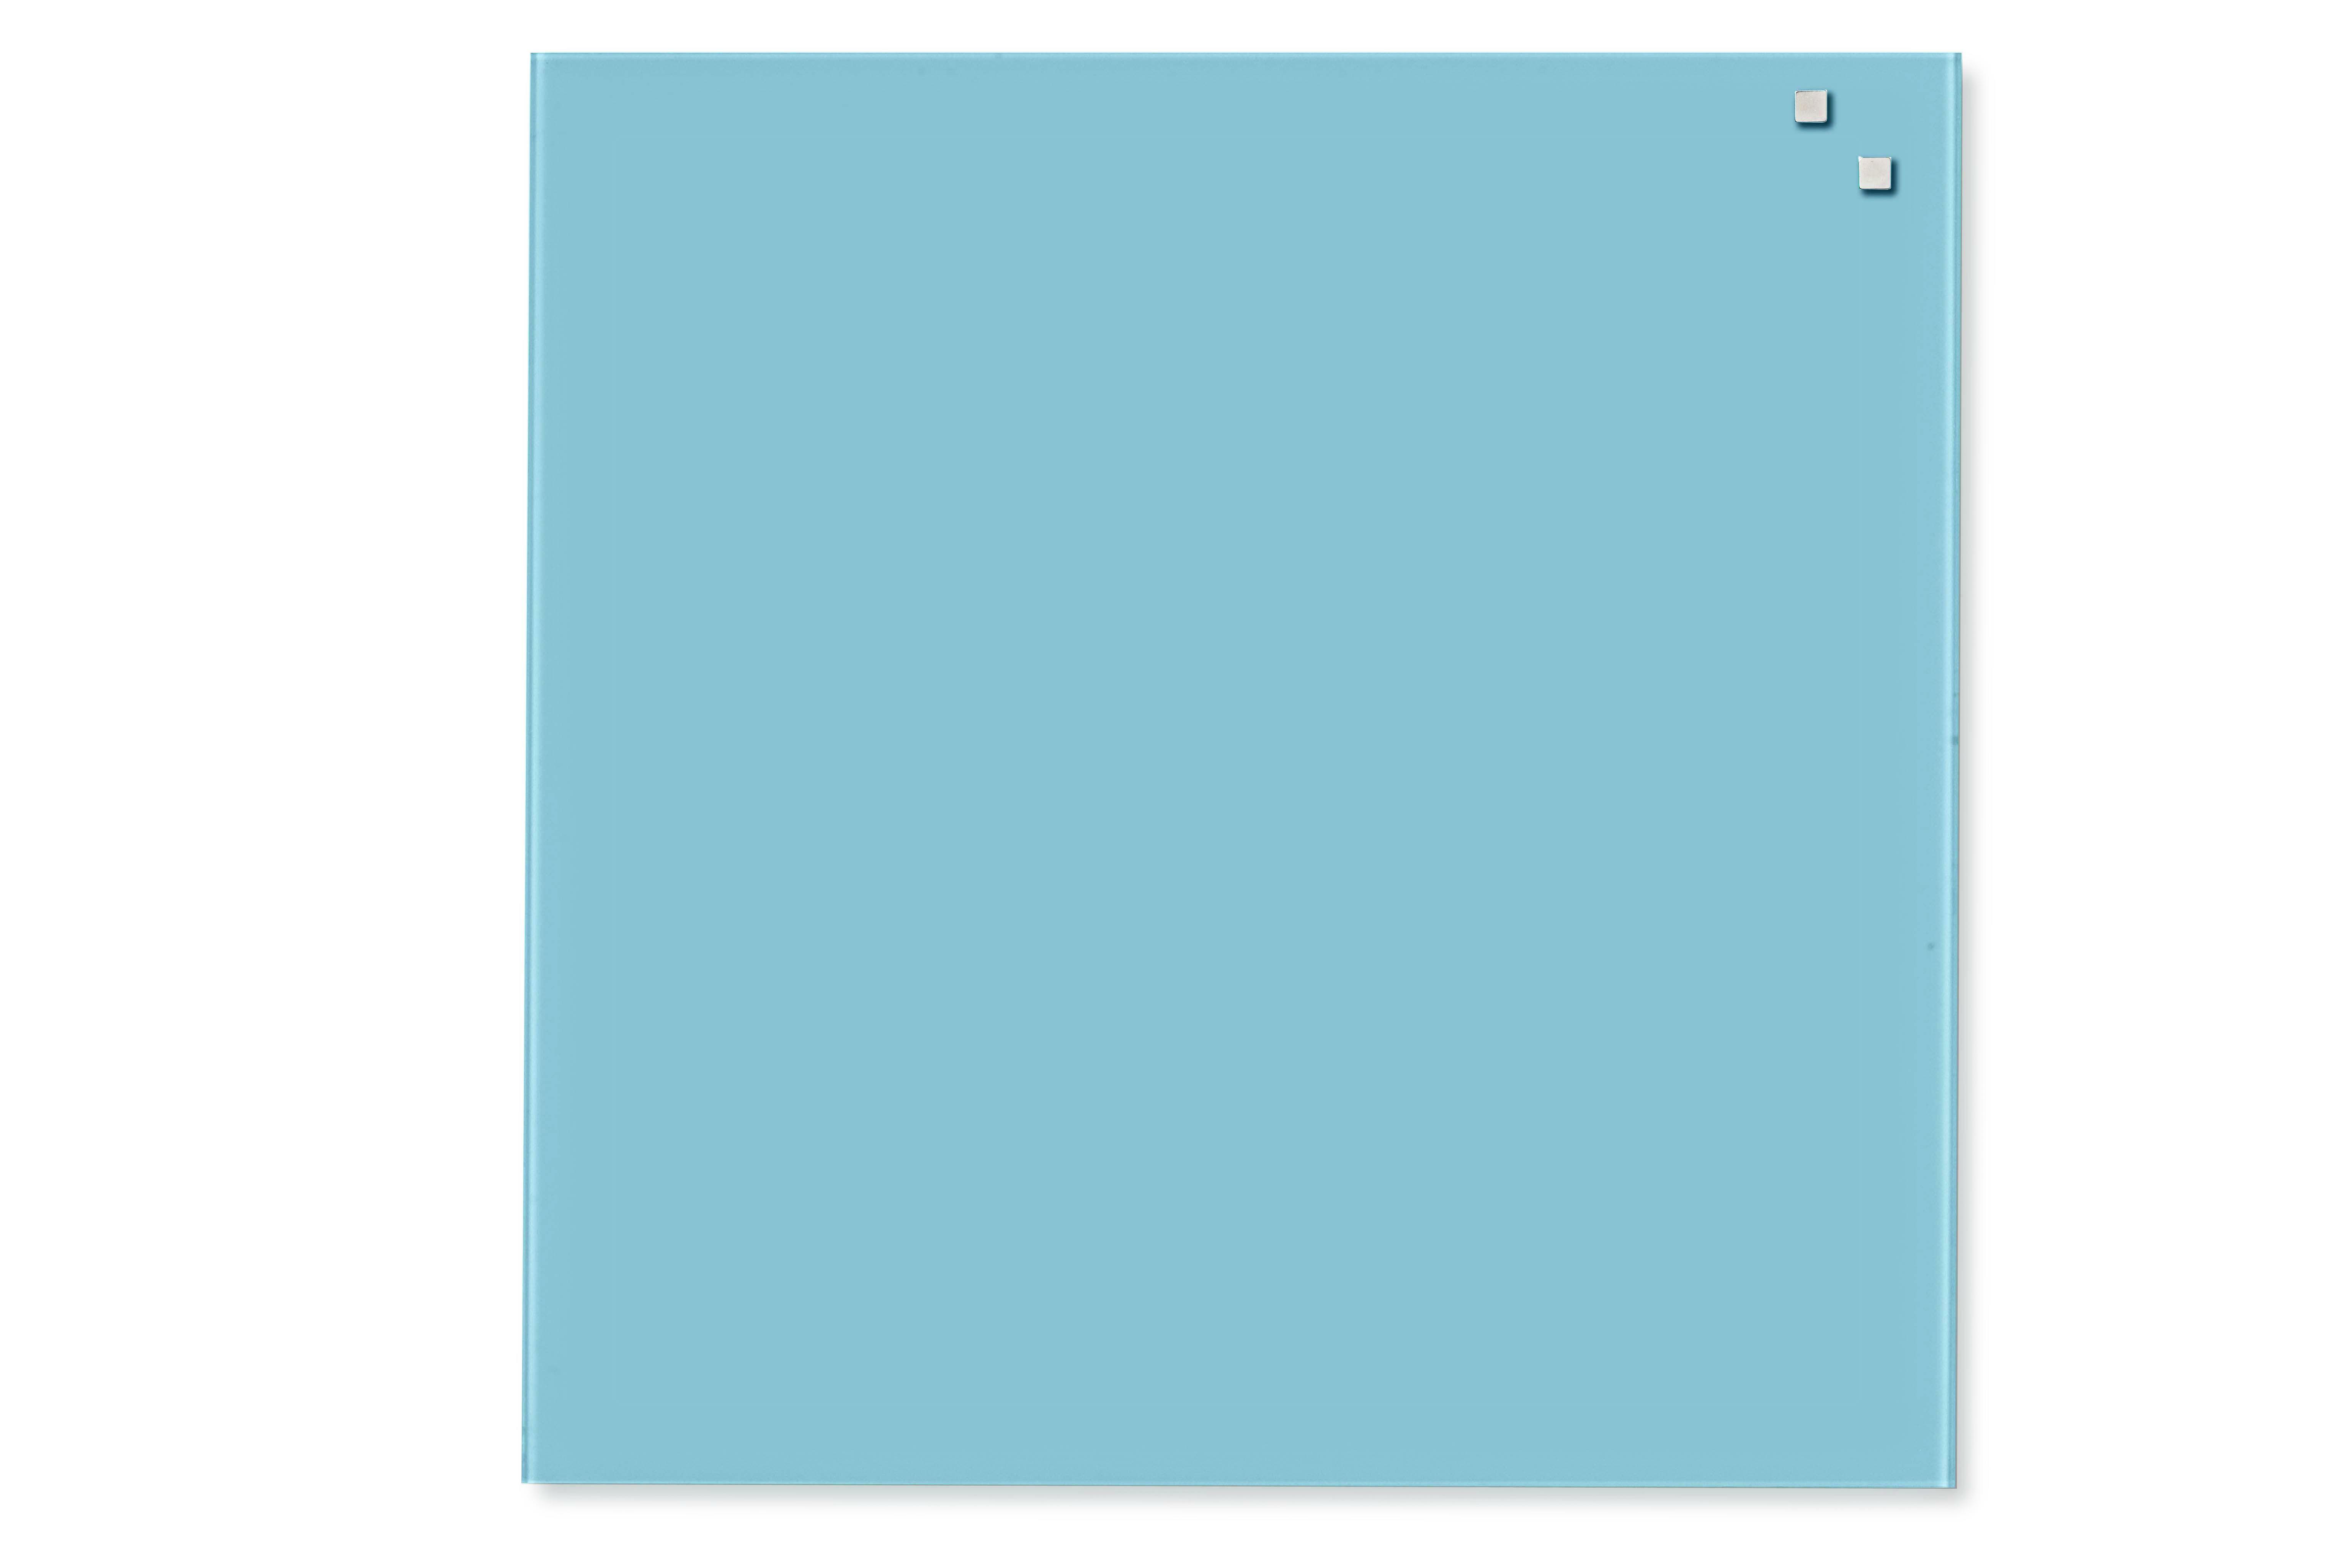 Tabule magnetické skleněné - 45 x 45 cm / tyrkysová